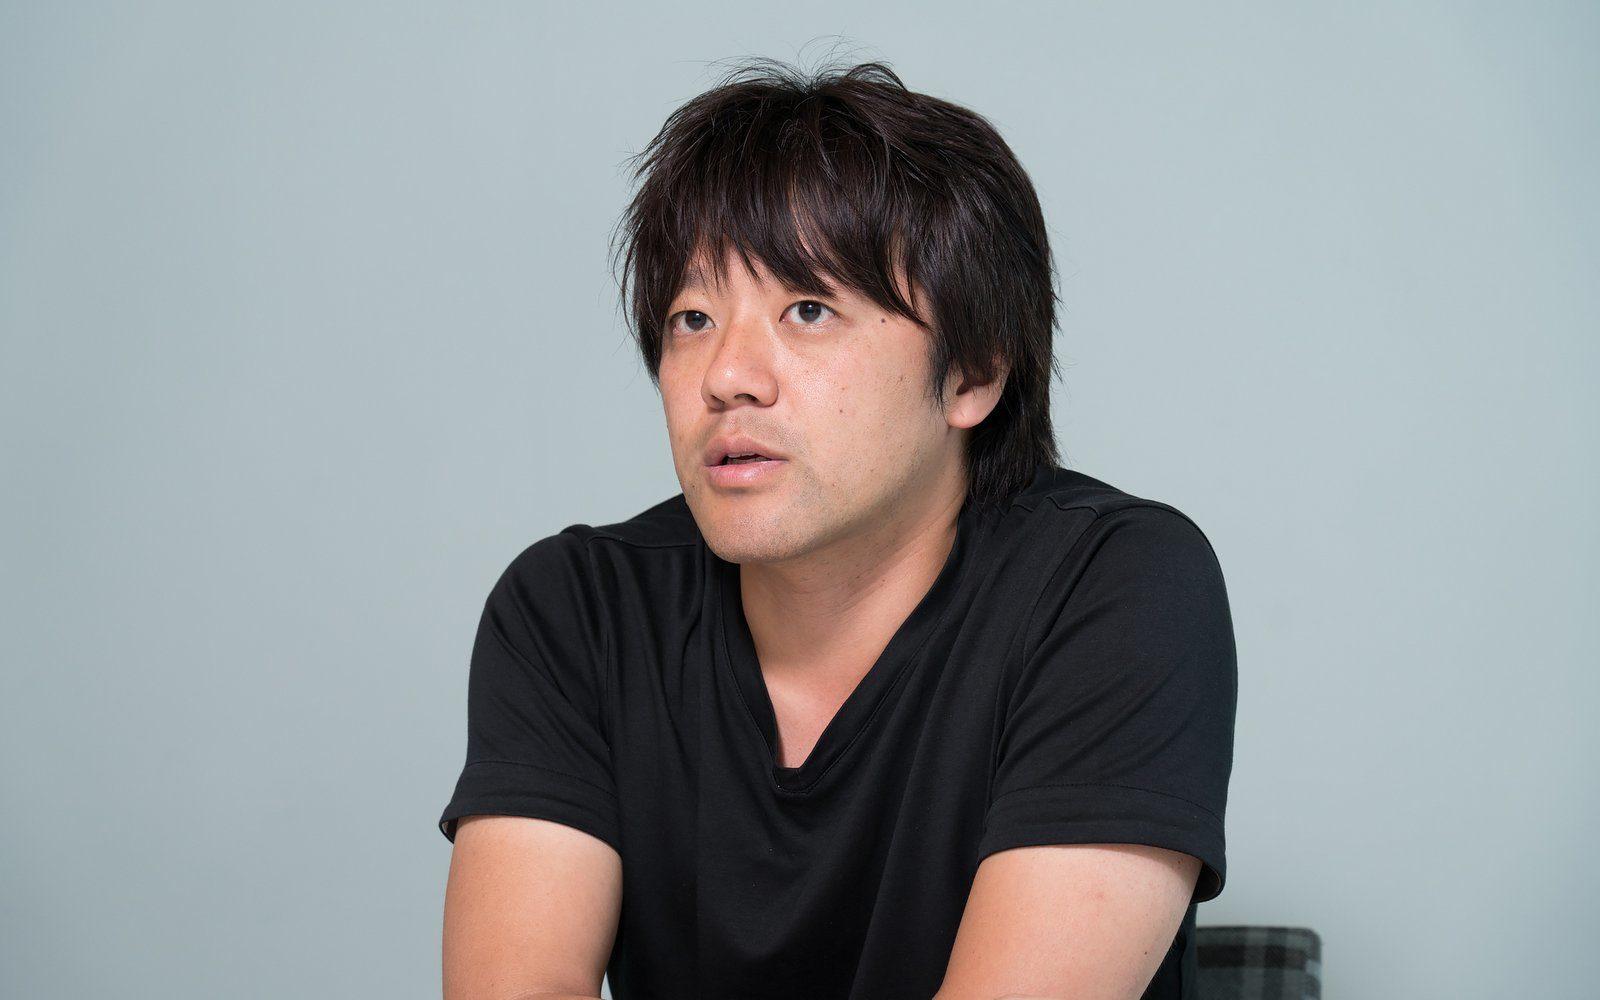 株式会社クラウドリアルティ CEO 鬼頭武嗣氏